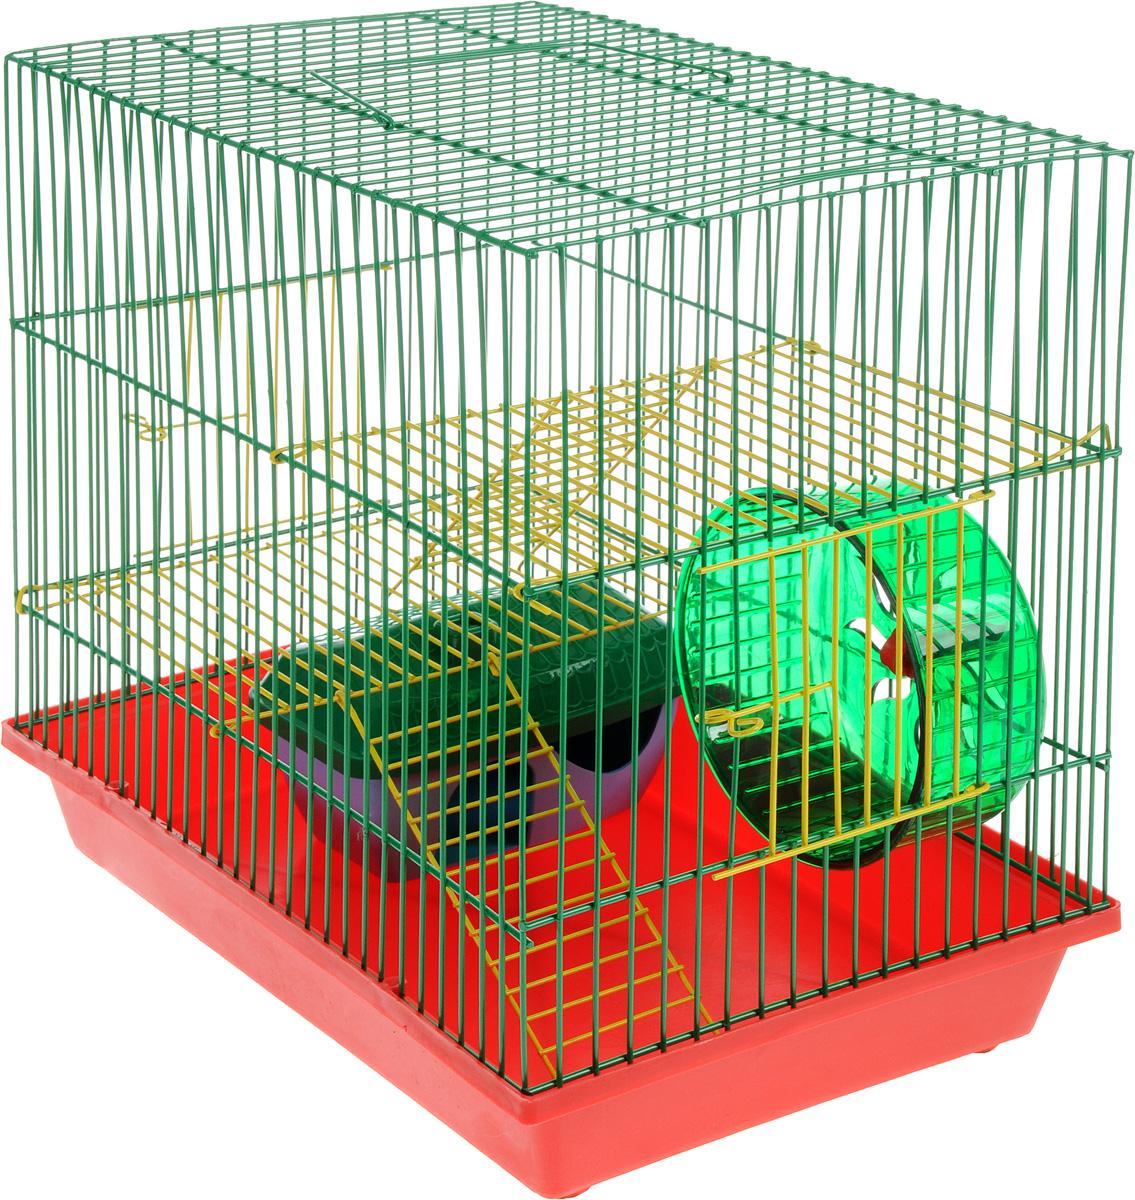 Клетка для грызунов ЗооМарк, 3-этажная, цвет: красный поддон, зеленая решетка, желтые этажи, 36 х 23 х 34,5 см. 135ж240КФКлетка ЗооМарк, выполненная из полипропилена и металла, подходит для мелких грызунов. Изделие трехэтажное, оборудовано колесом для подвижных игр и пластиковым домиком. Клетка имеет яркий поддон, удобна в использовании и легко чистится. Сверху имеется ручка для переноски. Такая клетка станет уединенным личным пространством и уютным домиком для маленького грызуна.